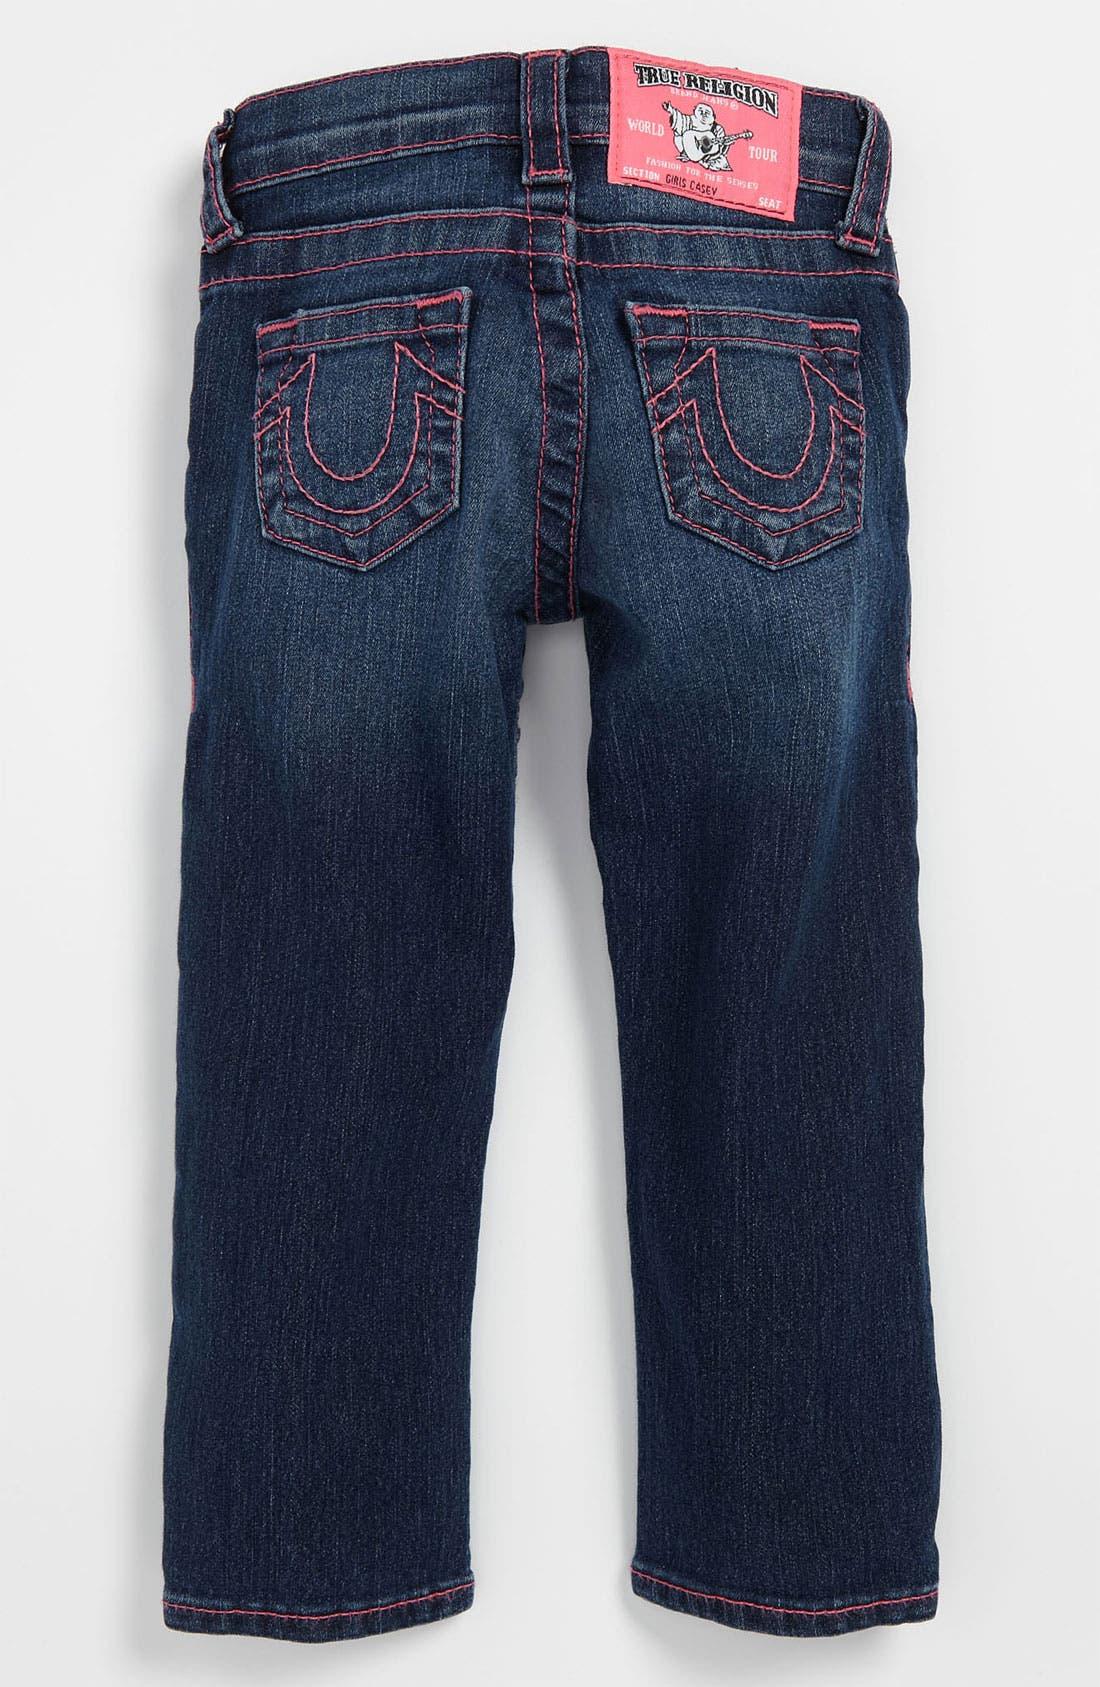 Main Image - True Religion Brand Jeans 'Casey' Skinny Leg Jeans (Toddler)